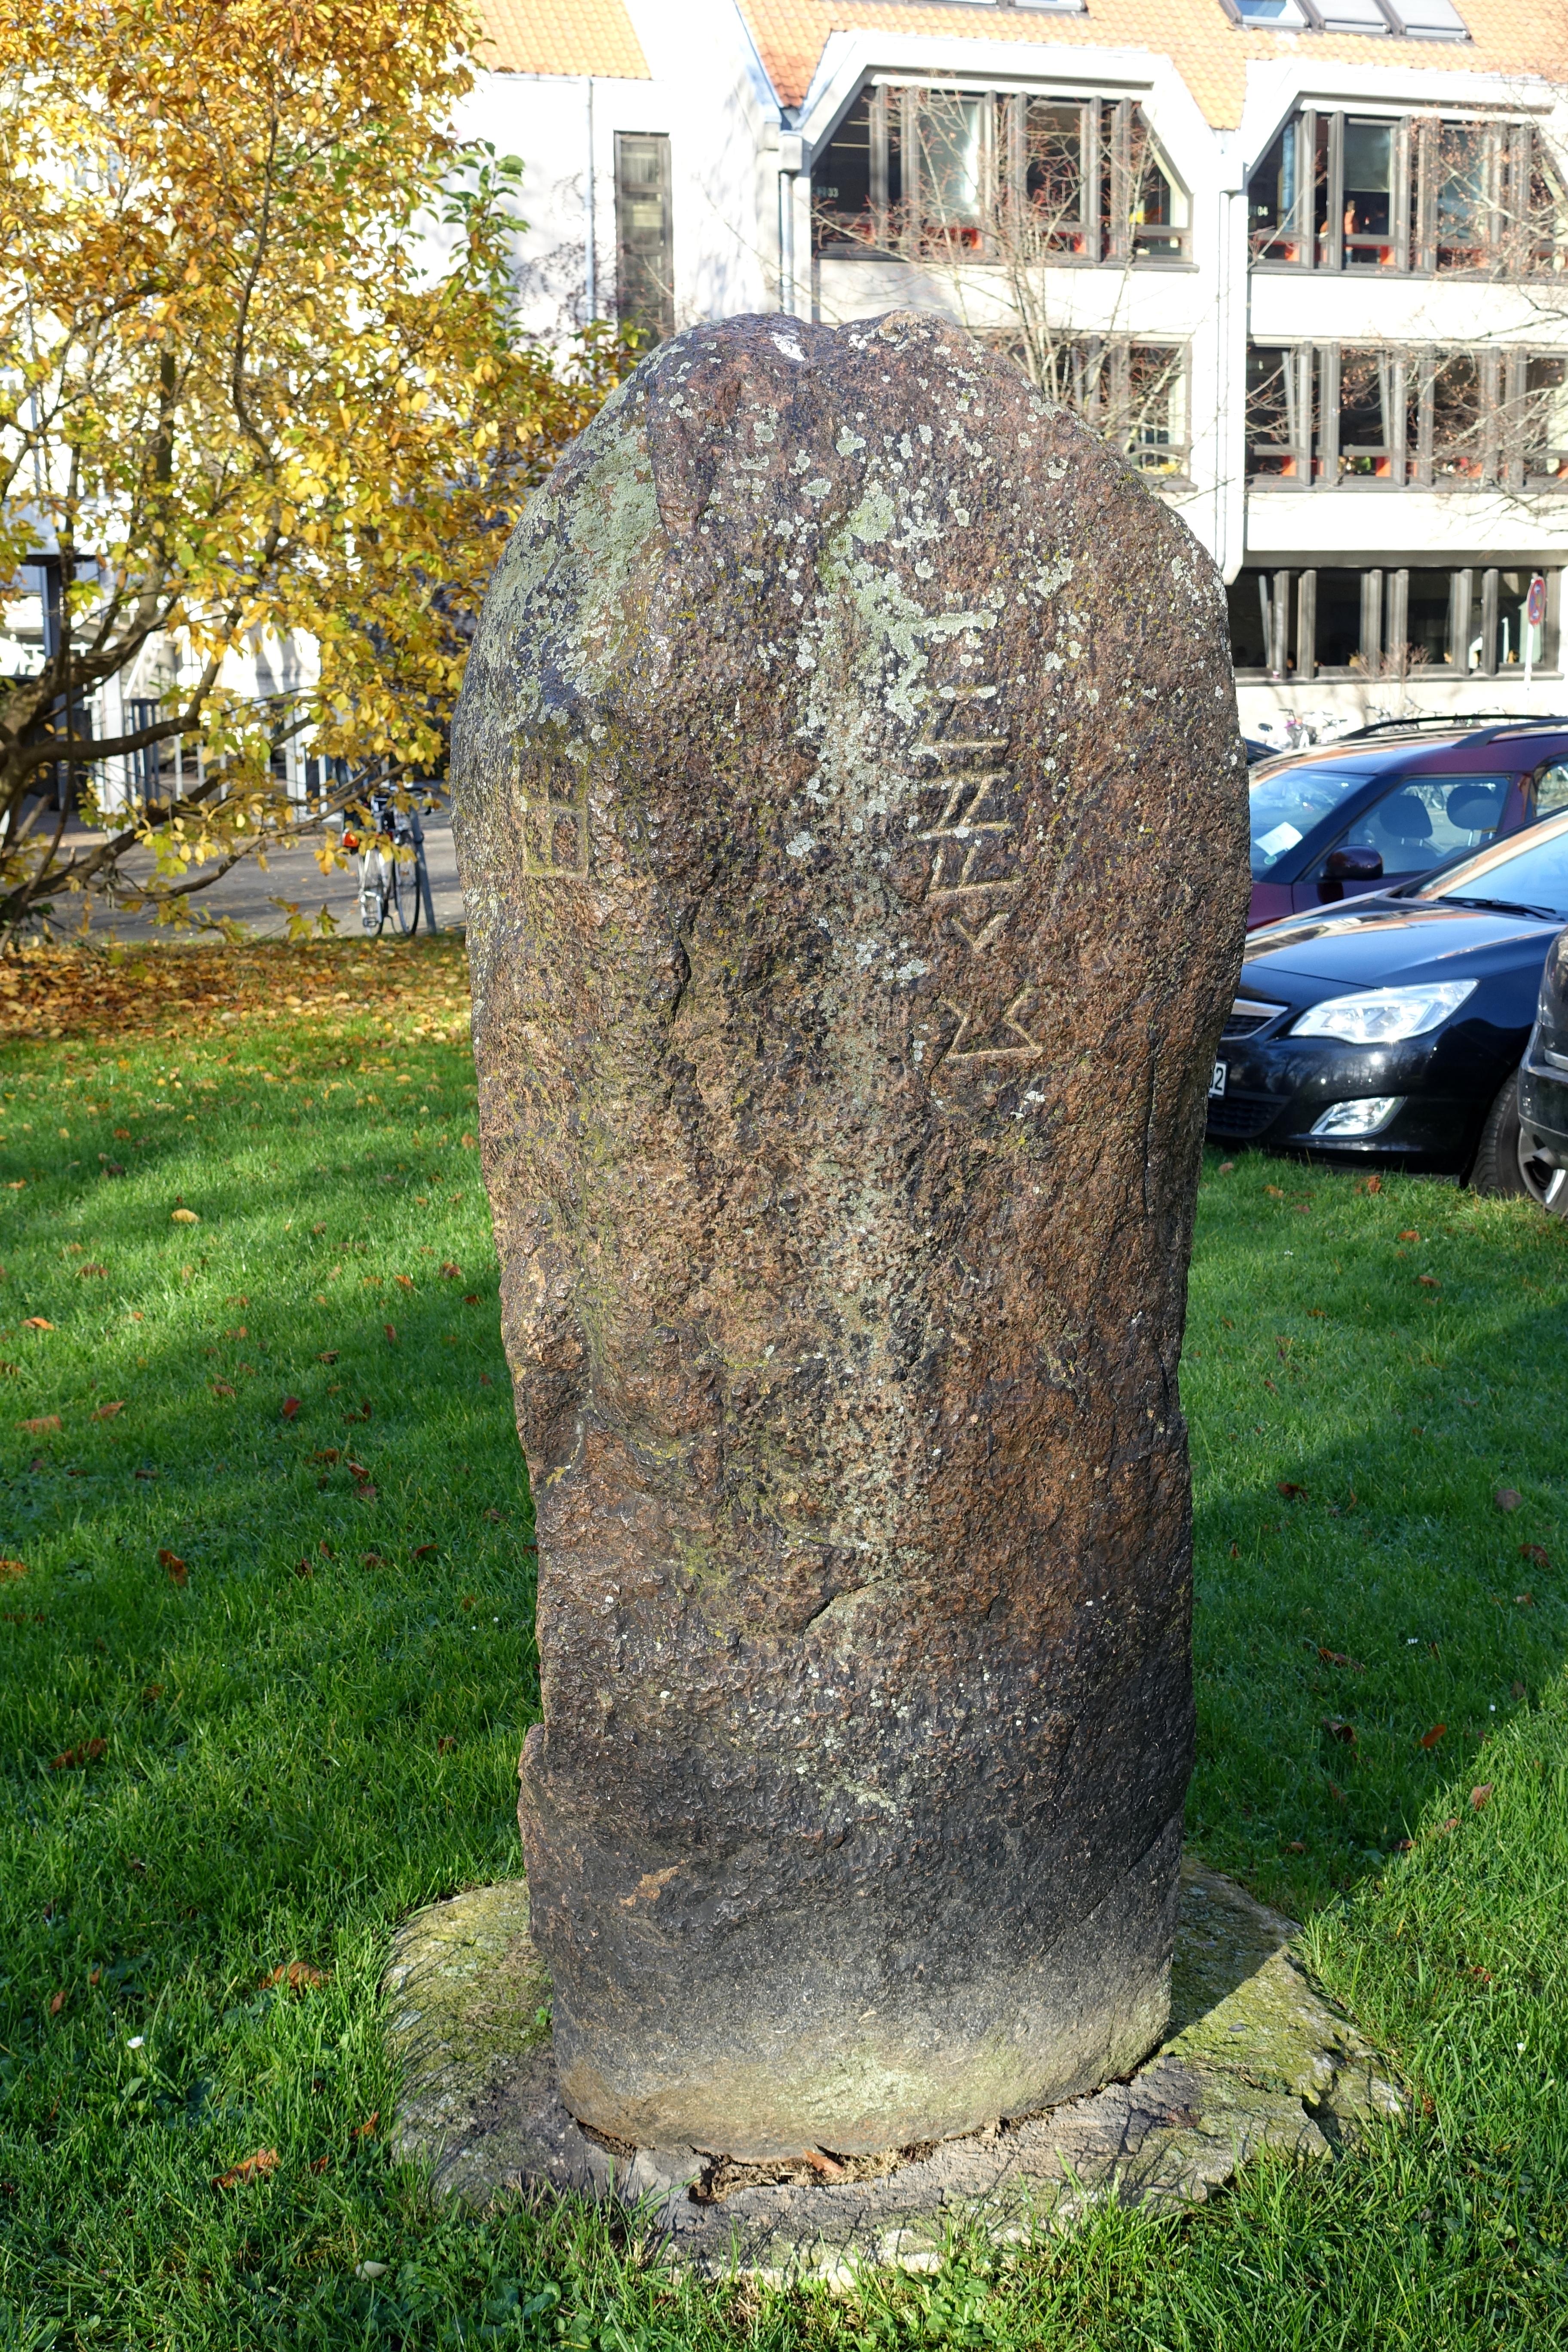 File:Runestone (Runenstein)   Haus Am Löwenwall, Städtisches Museum    Braunschweig,